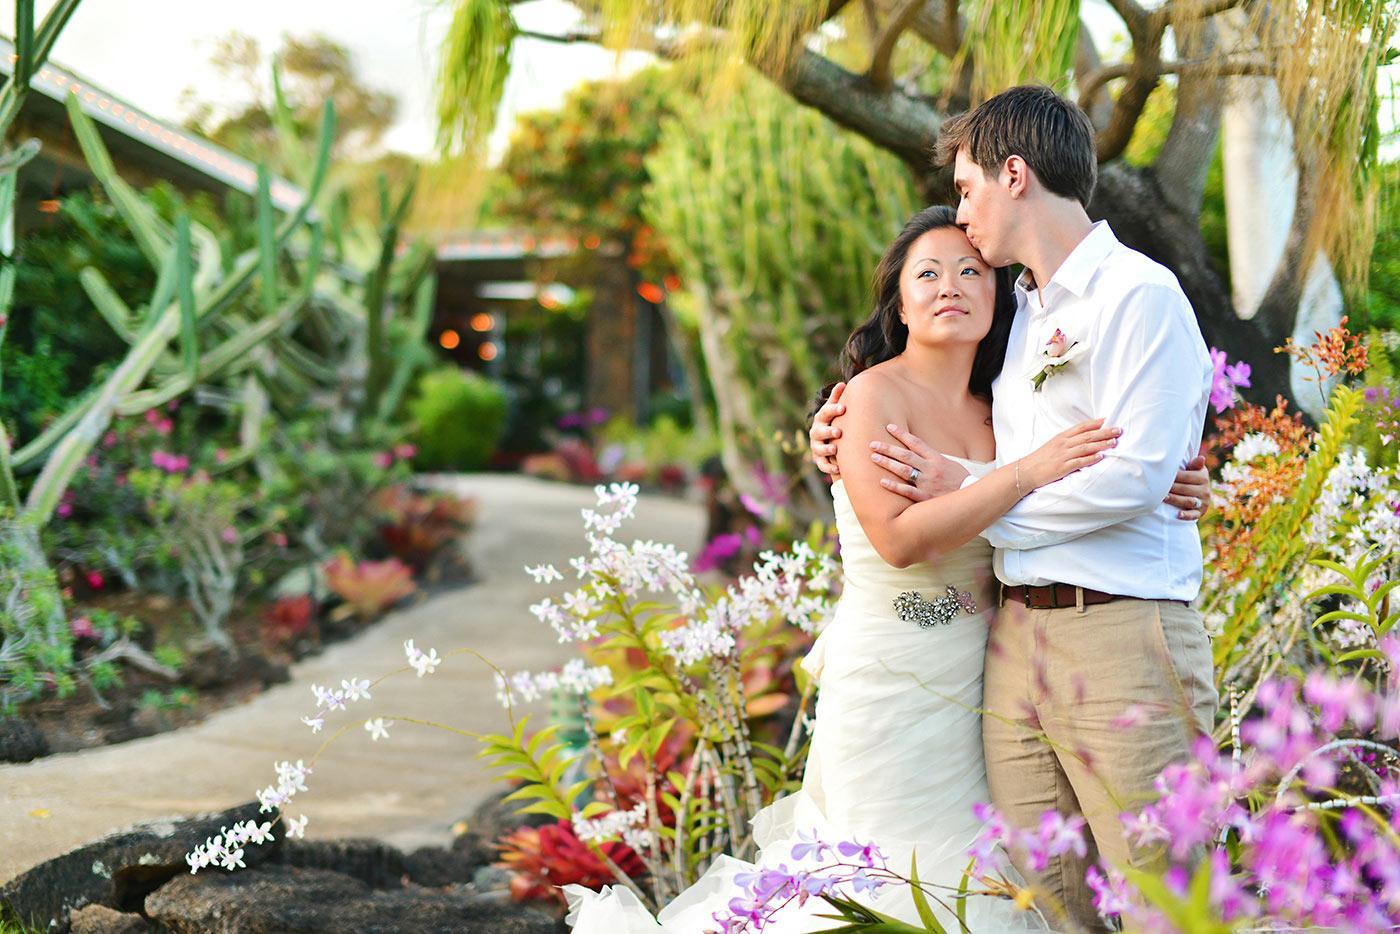 Kauai-Island-Hawaii-wedding-photo-(21).jpg